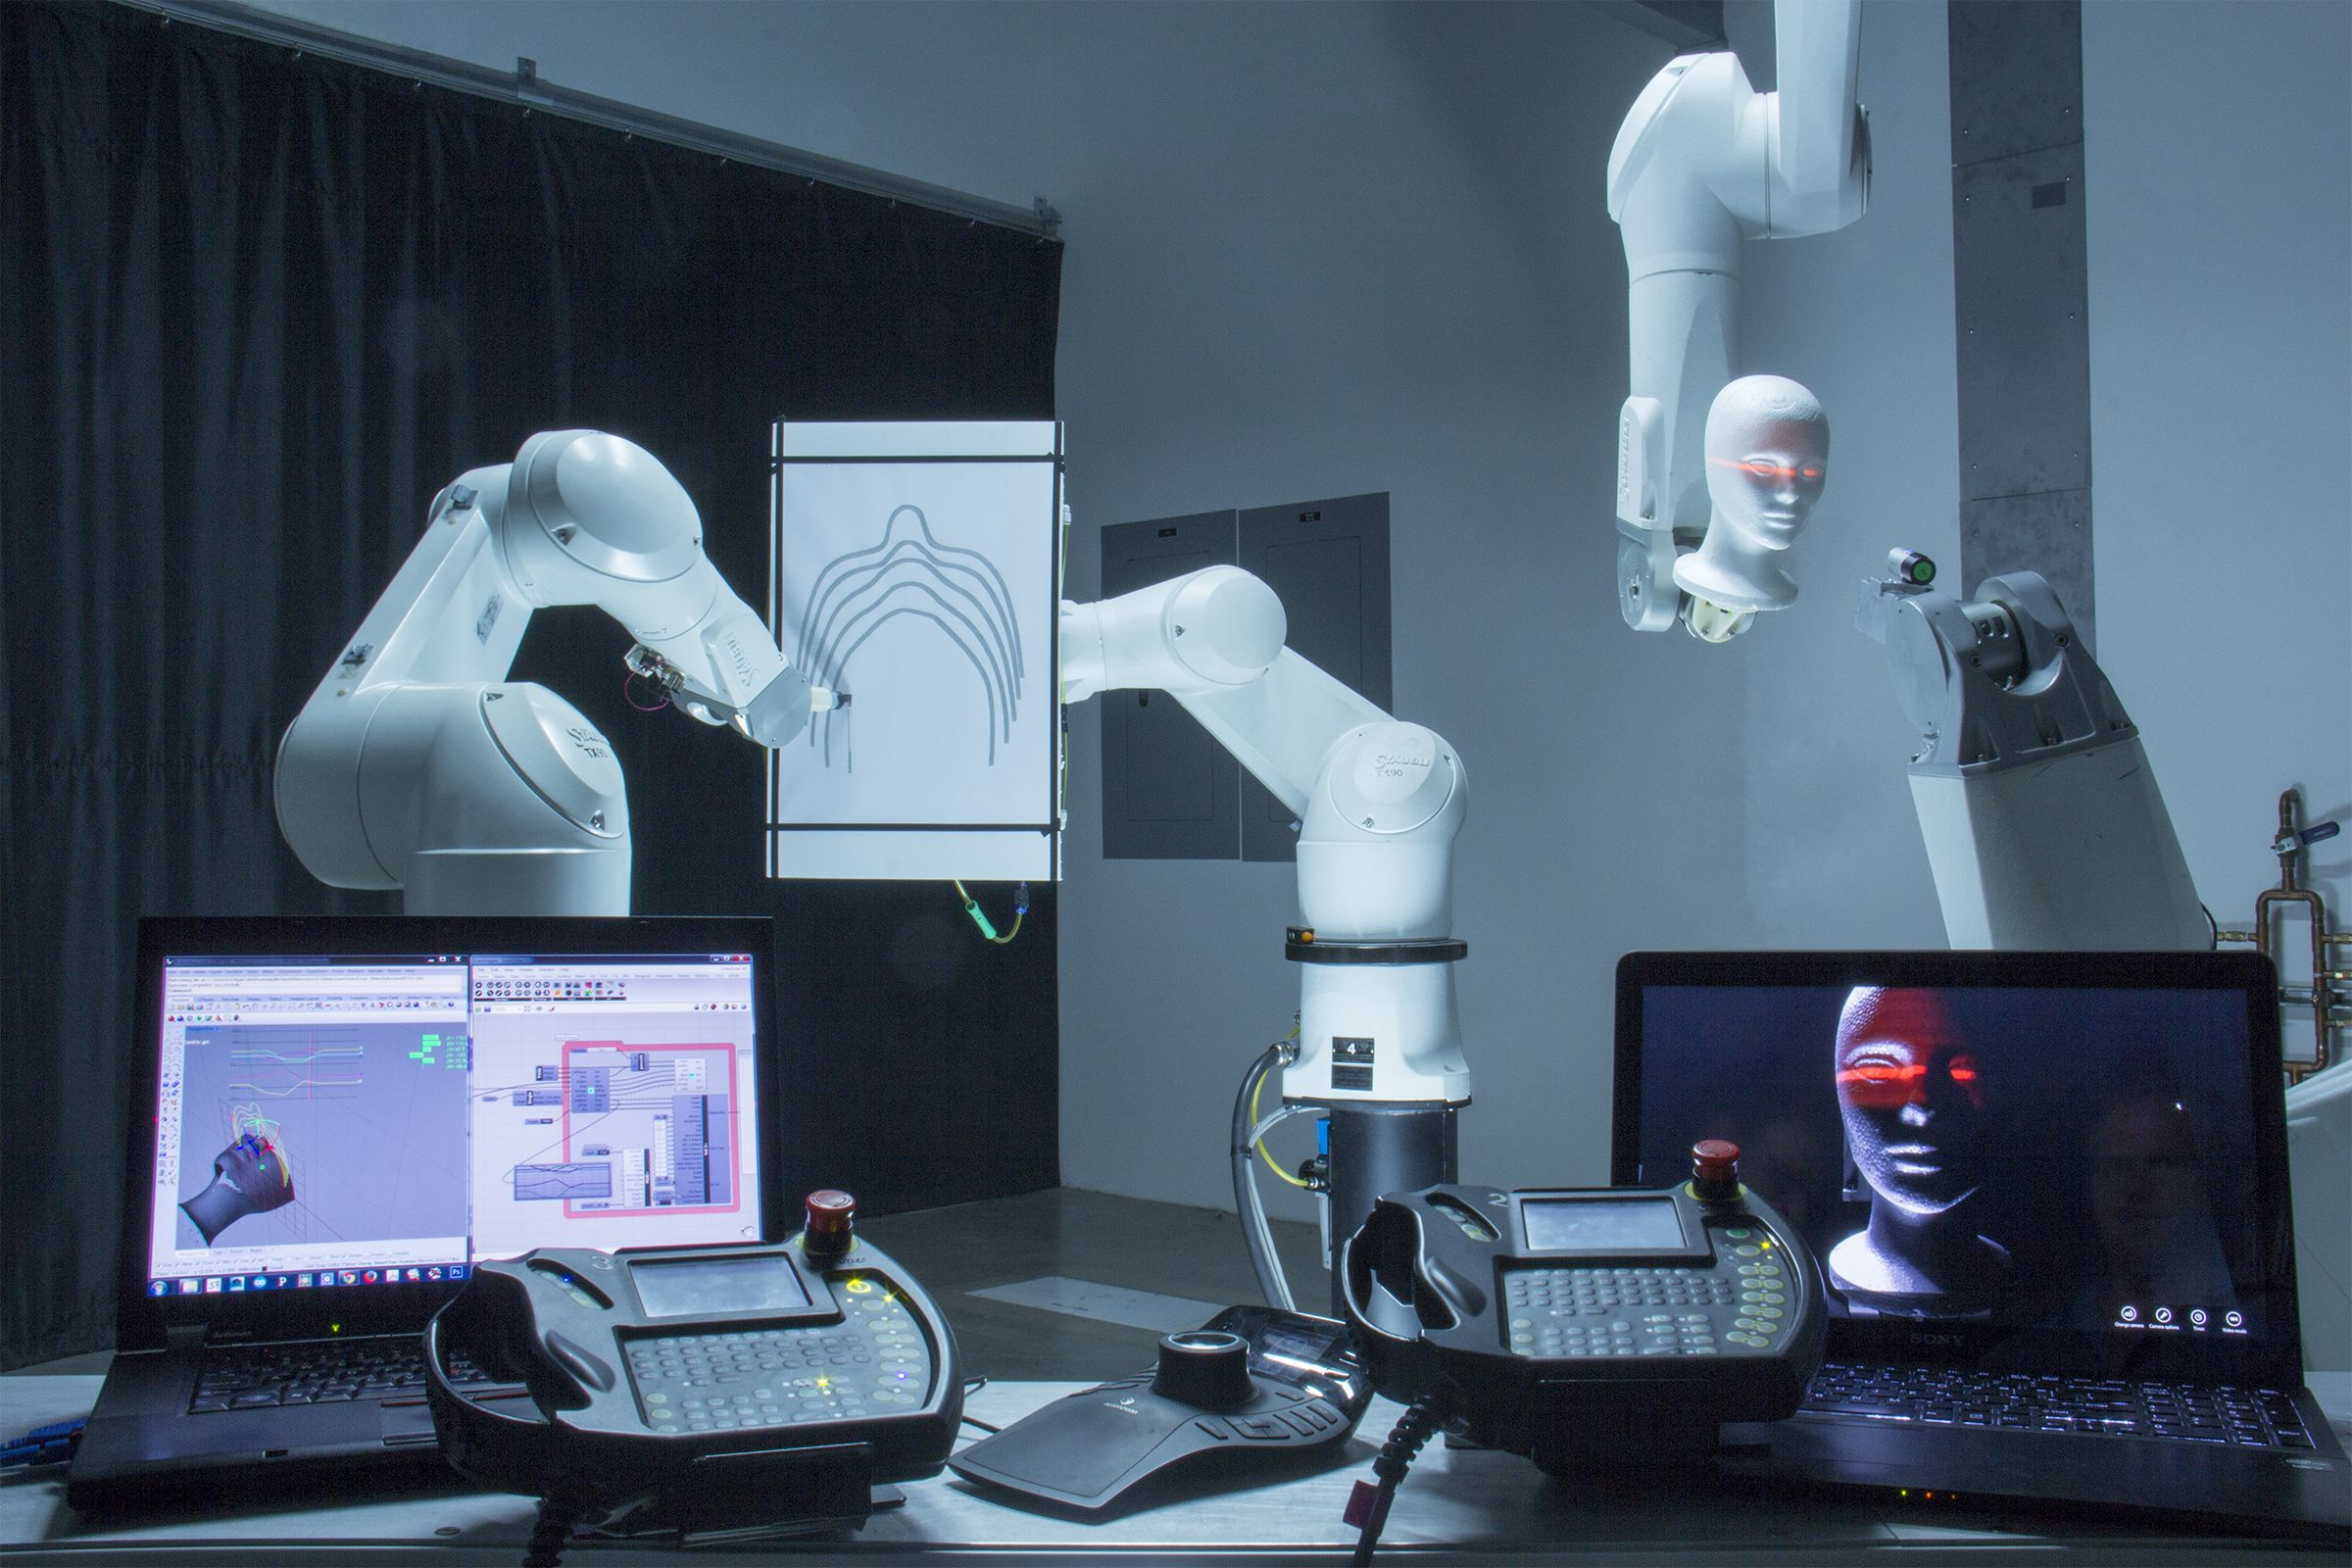 фото роботов лаб предполагает